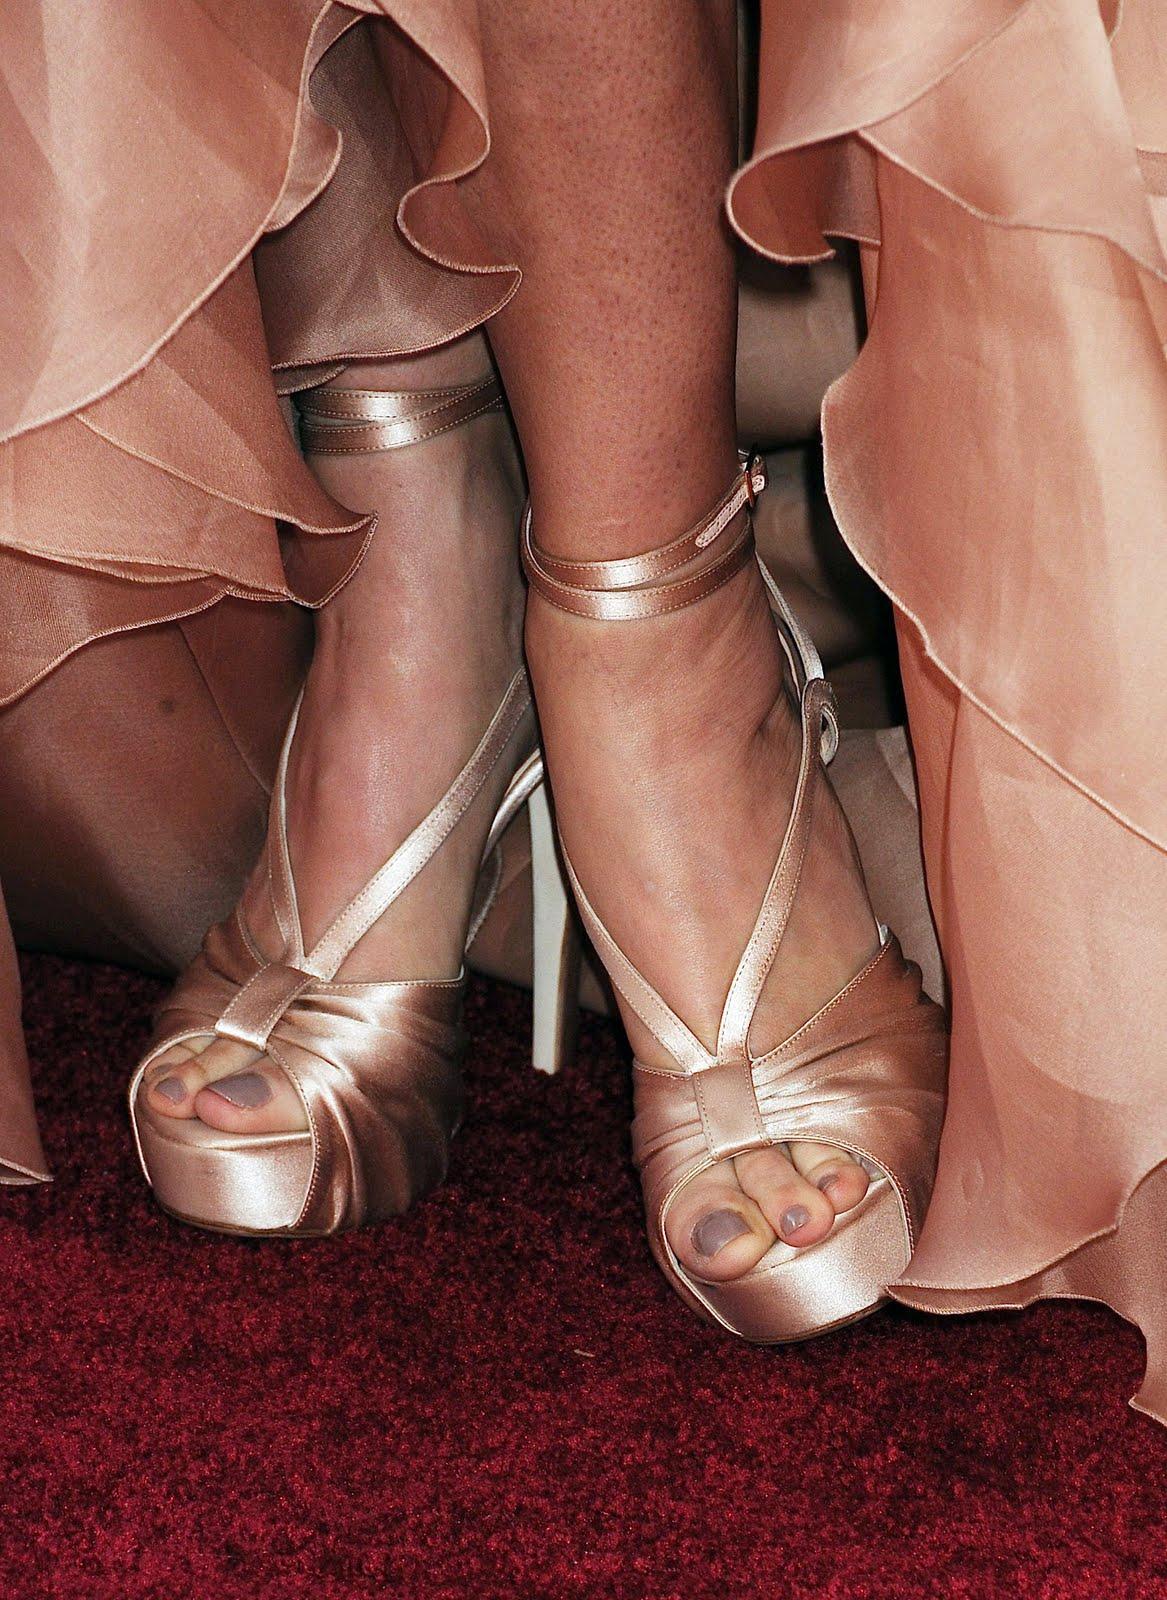 http://2.bp.blogspot.com/_UaLWp72nij4/S62dbvqI3DI/AAAAAAAAFls/q0PxHFs-hLQ/s1600/demi-moore-feet-4.jpg